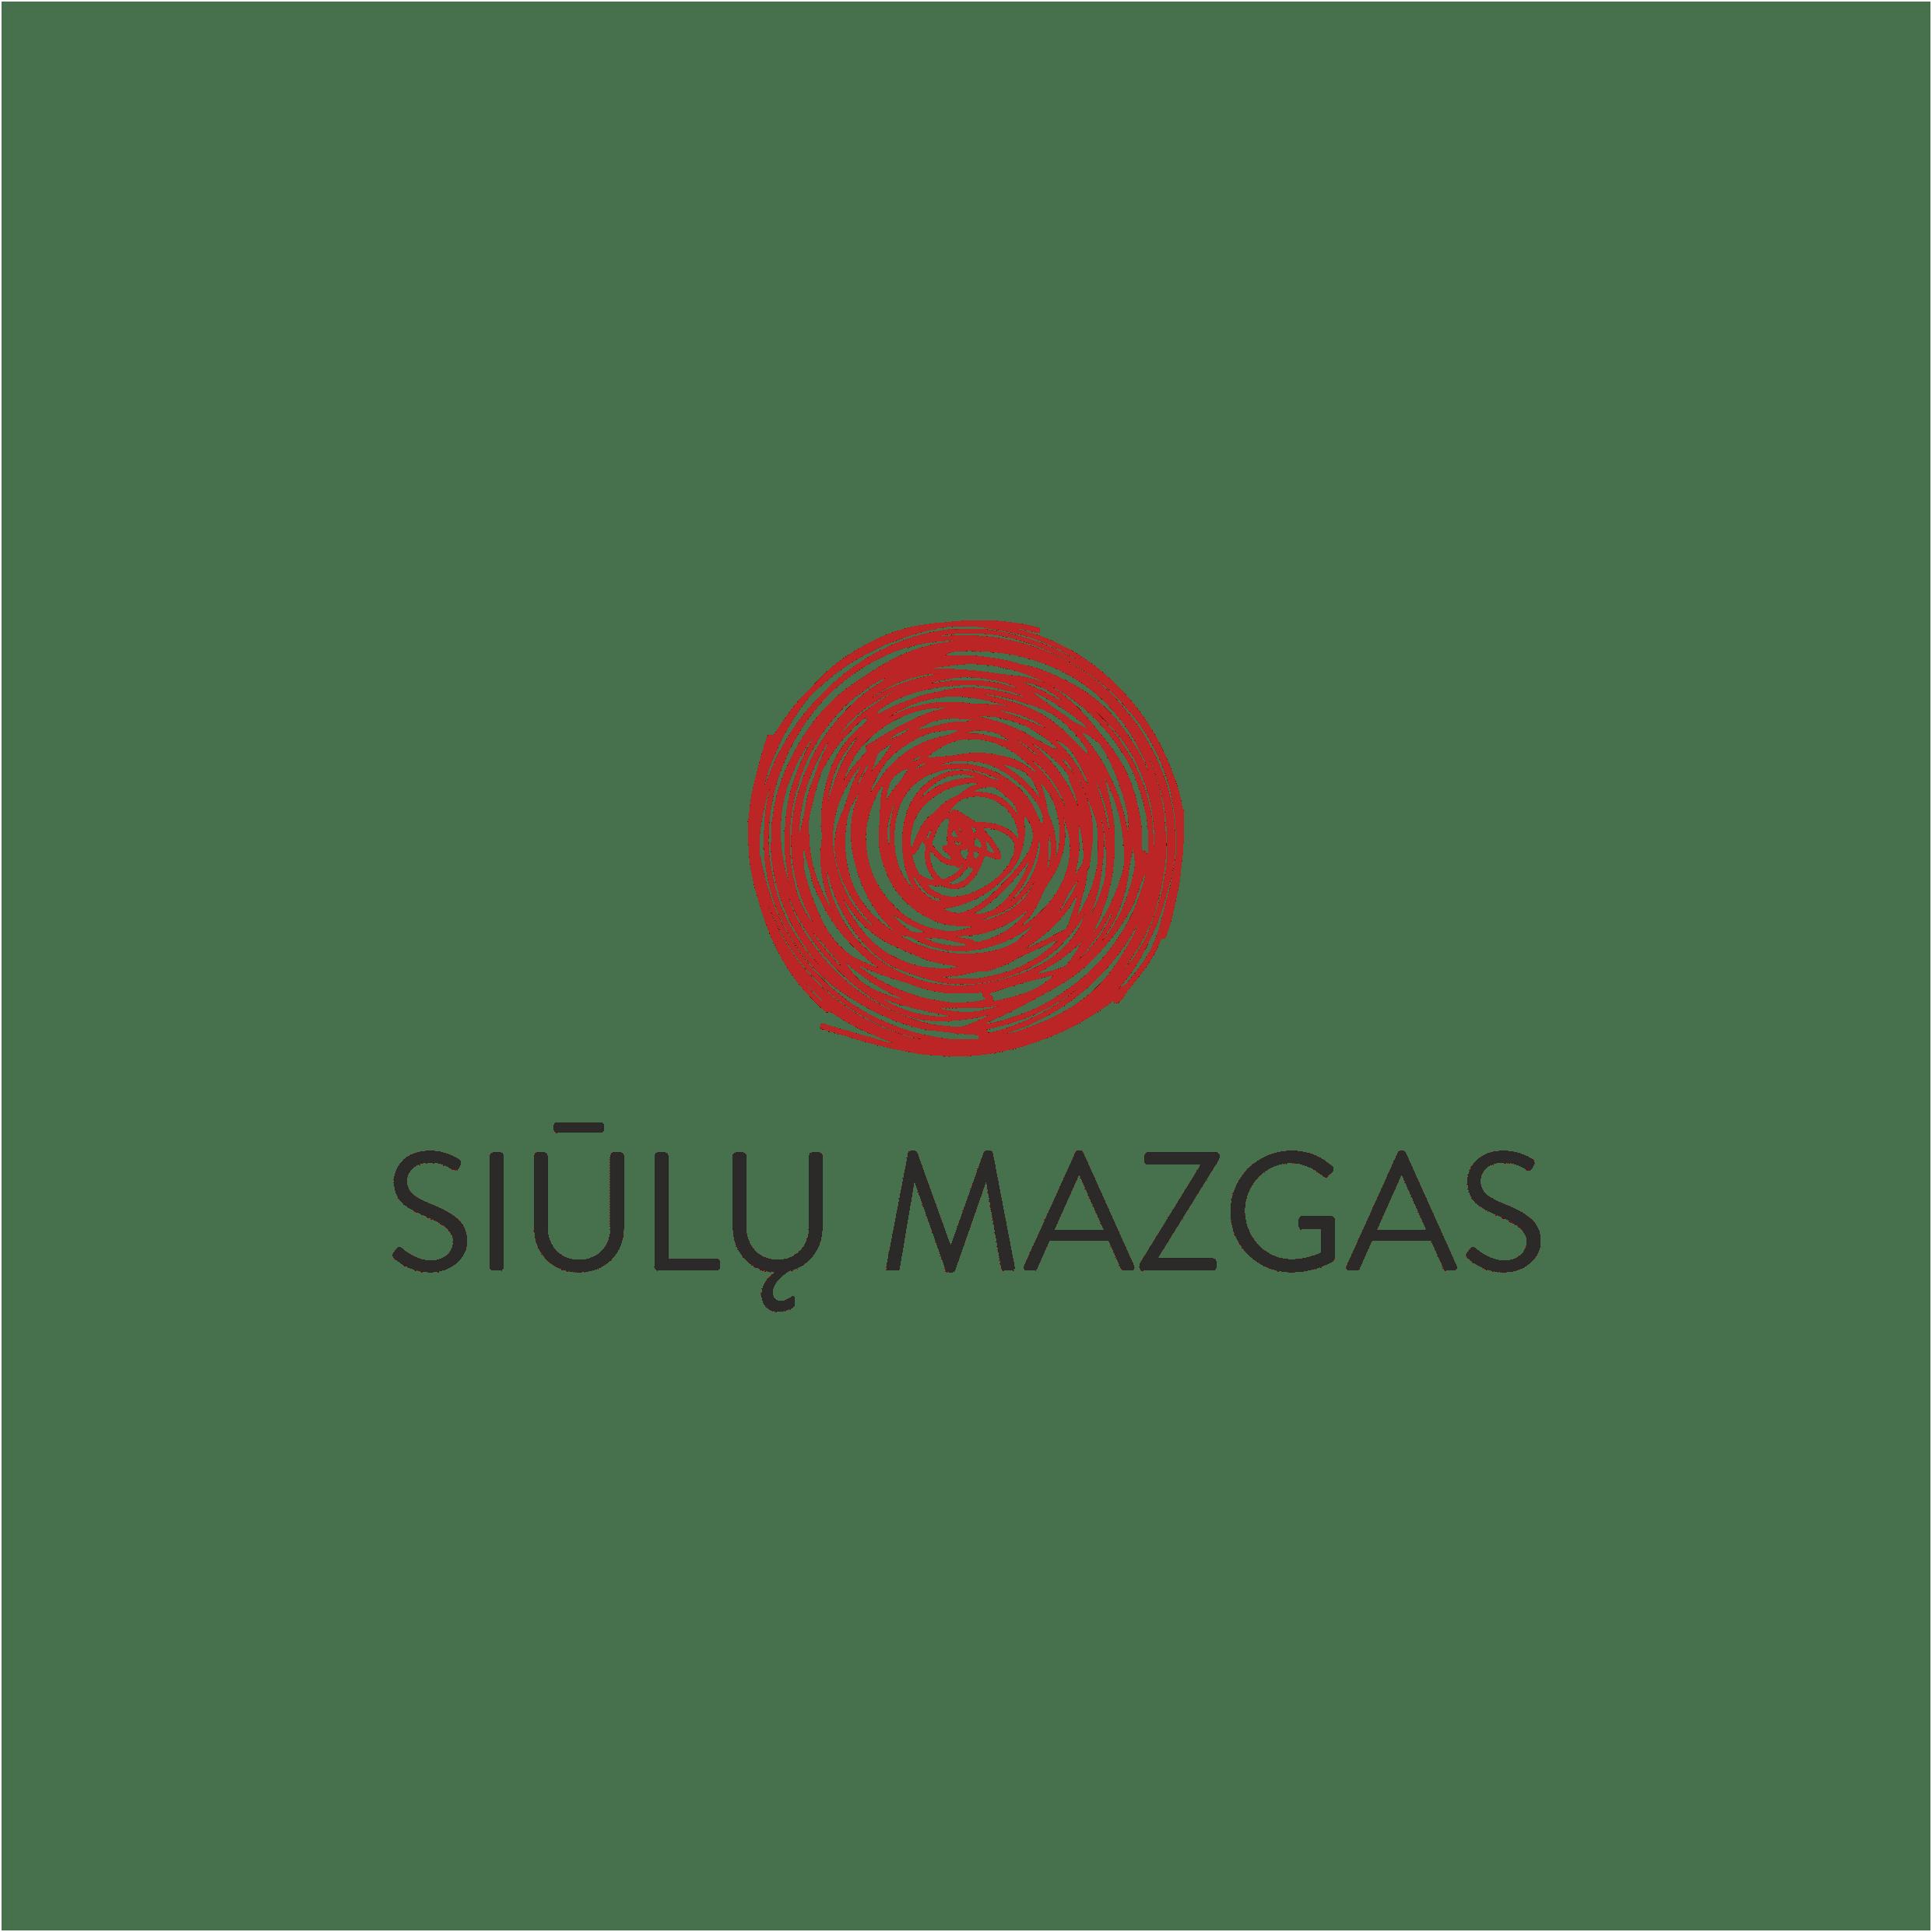 Siūlų mazgas logo